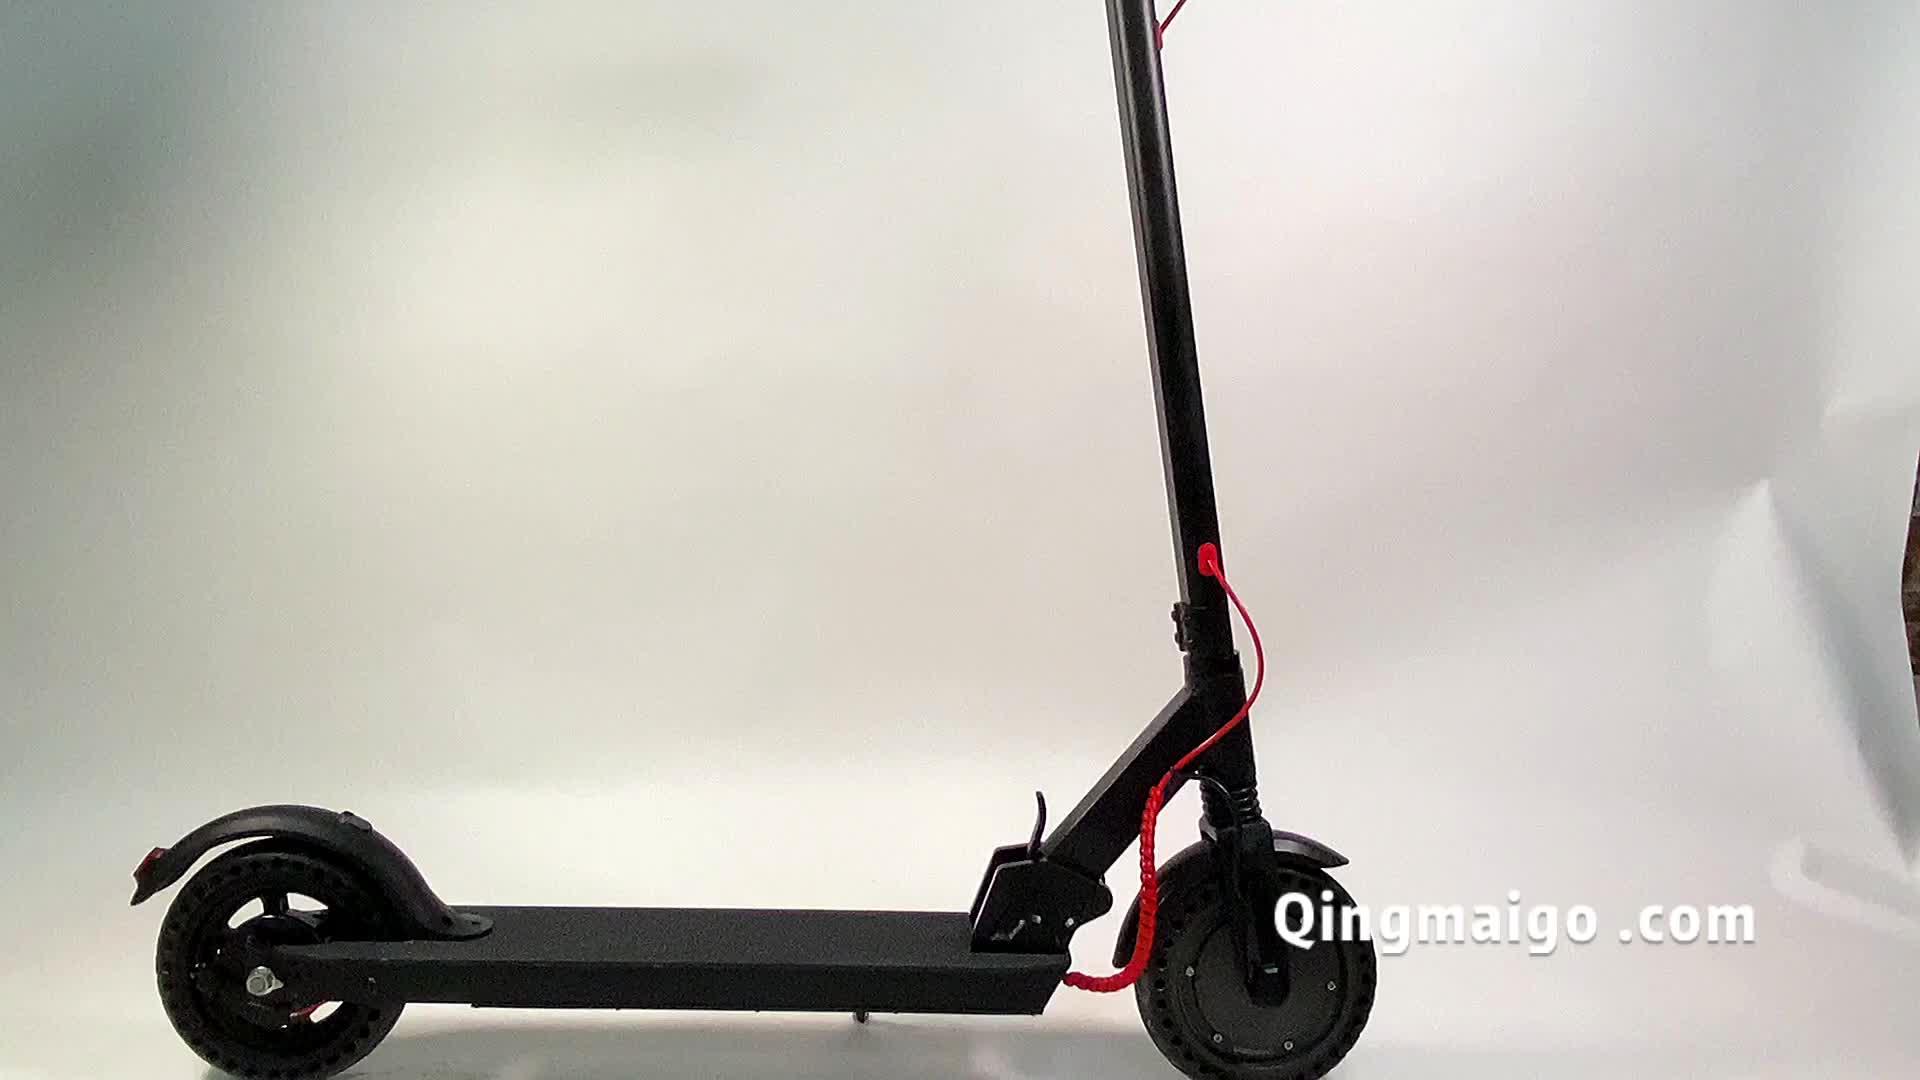 ใหม่แฟชั่น Citycoco จีนราคาถูก X8 Stand Up MINI สกู๊ตเตอร์ 2 ล้อไฟฟ้าสกู๊ตเตอร์ผู้ใหญ่